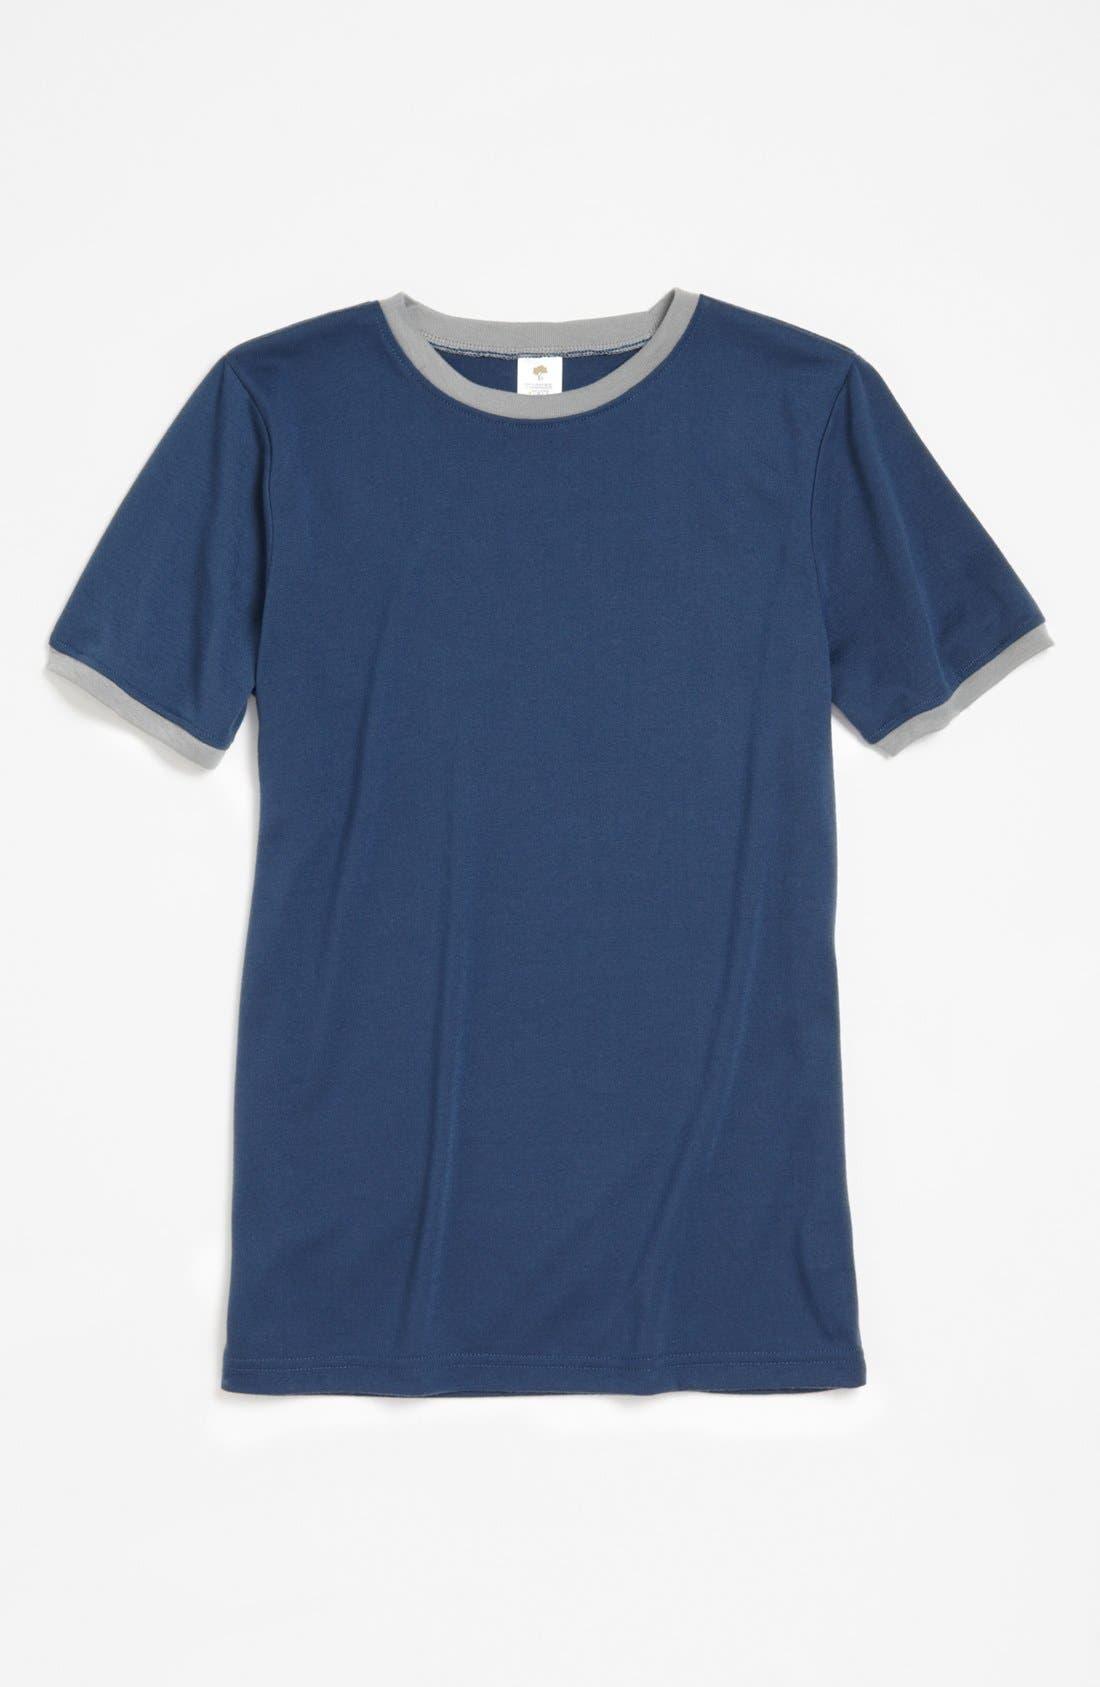 Alternate Image 1 Selected - Tucker + Tate 'Ringer' Sleep T-Shirt (Little Boys & Big Boys)